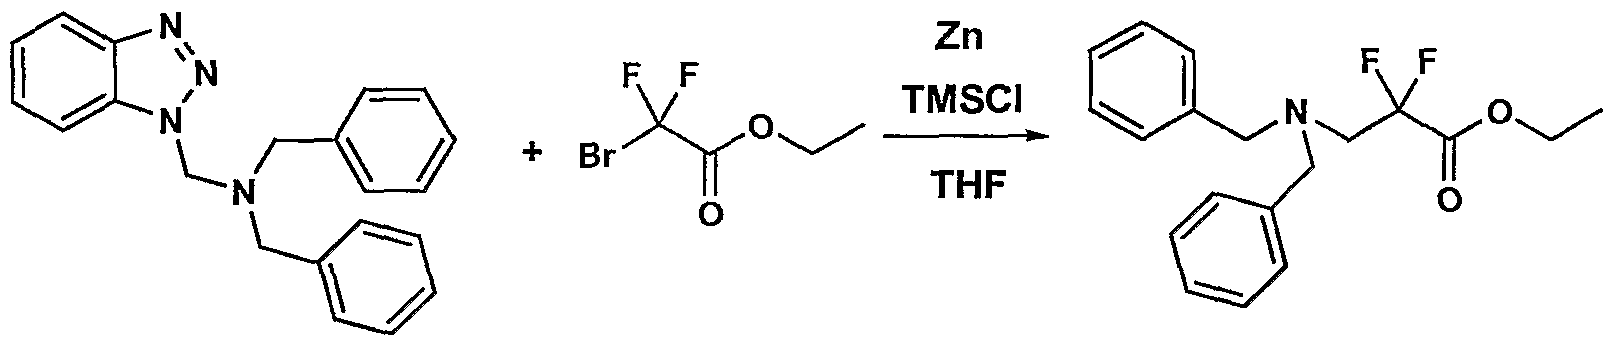 Figure imgf000493_0002